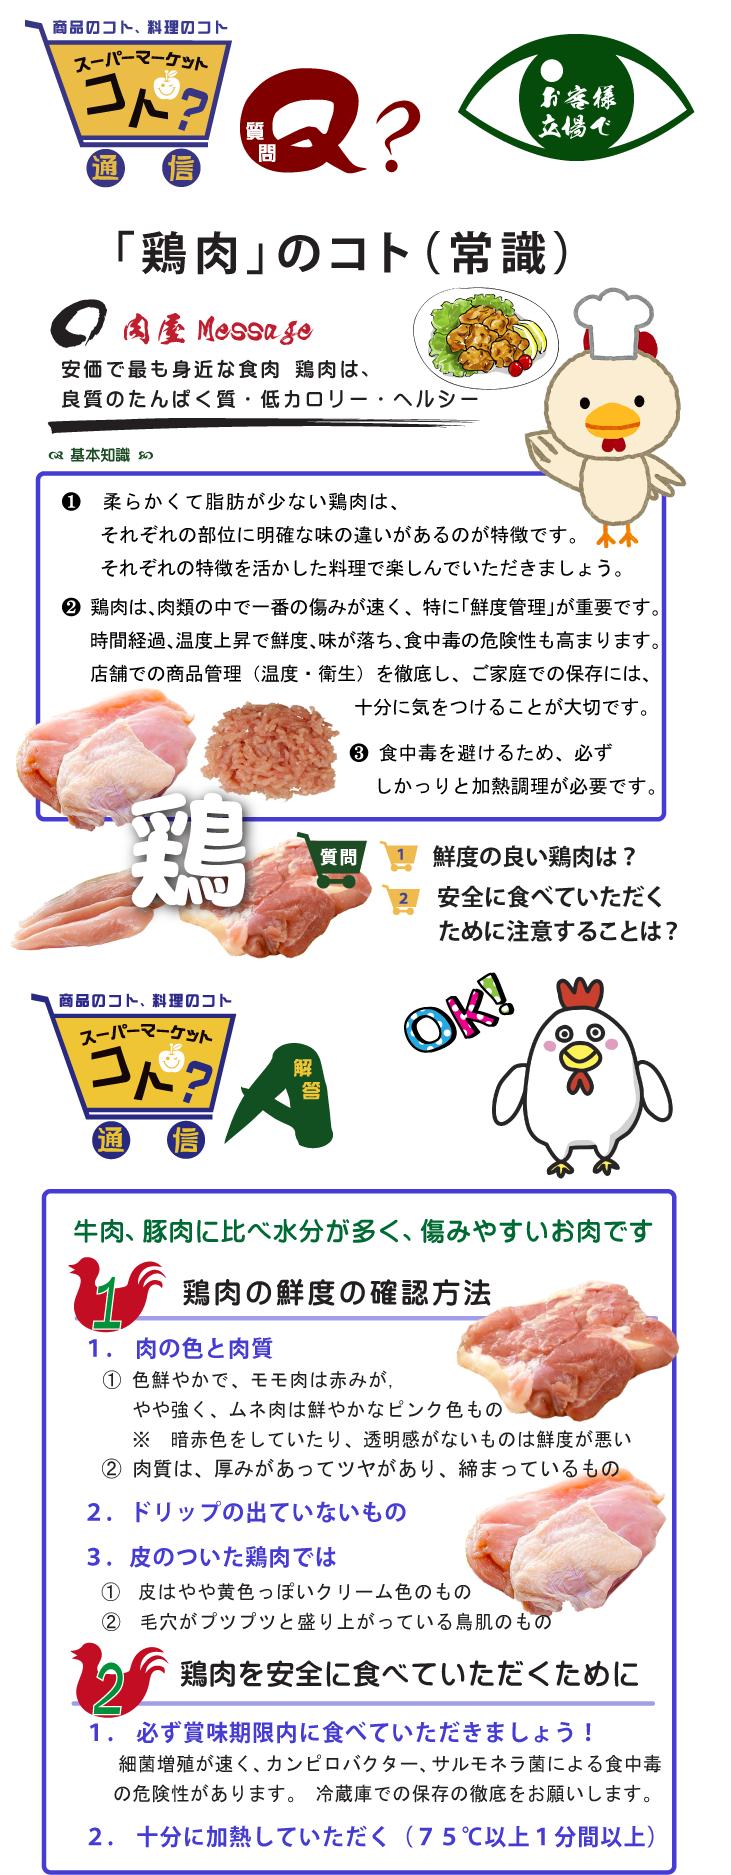 )鶏肉基本